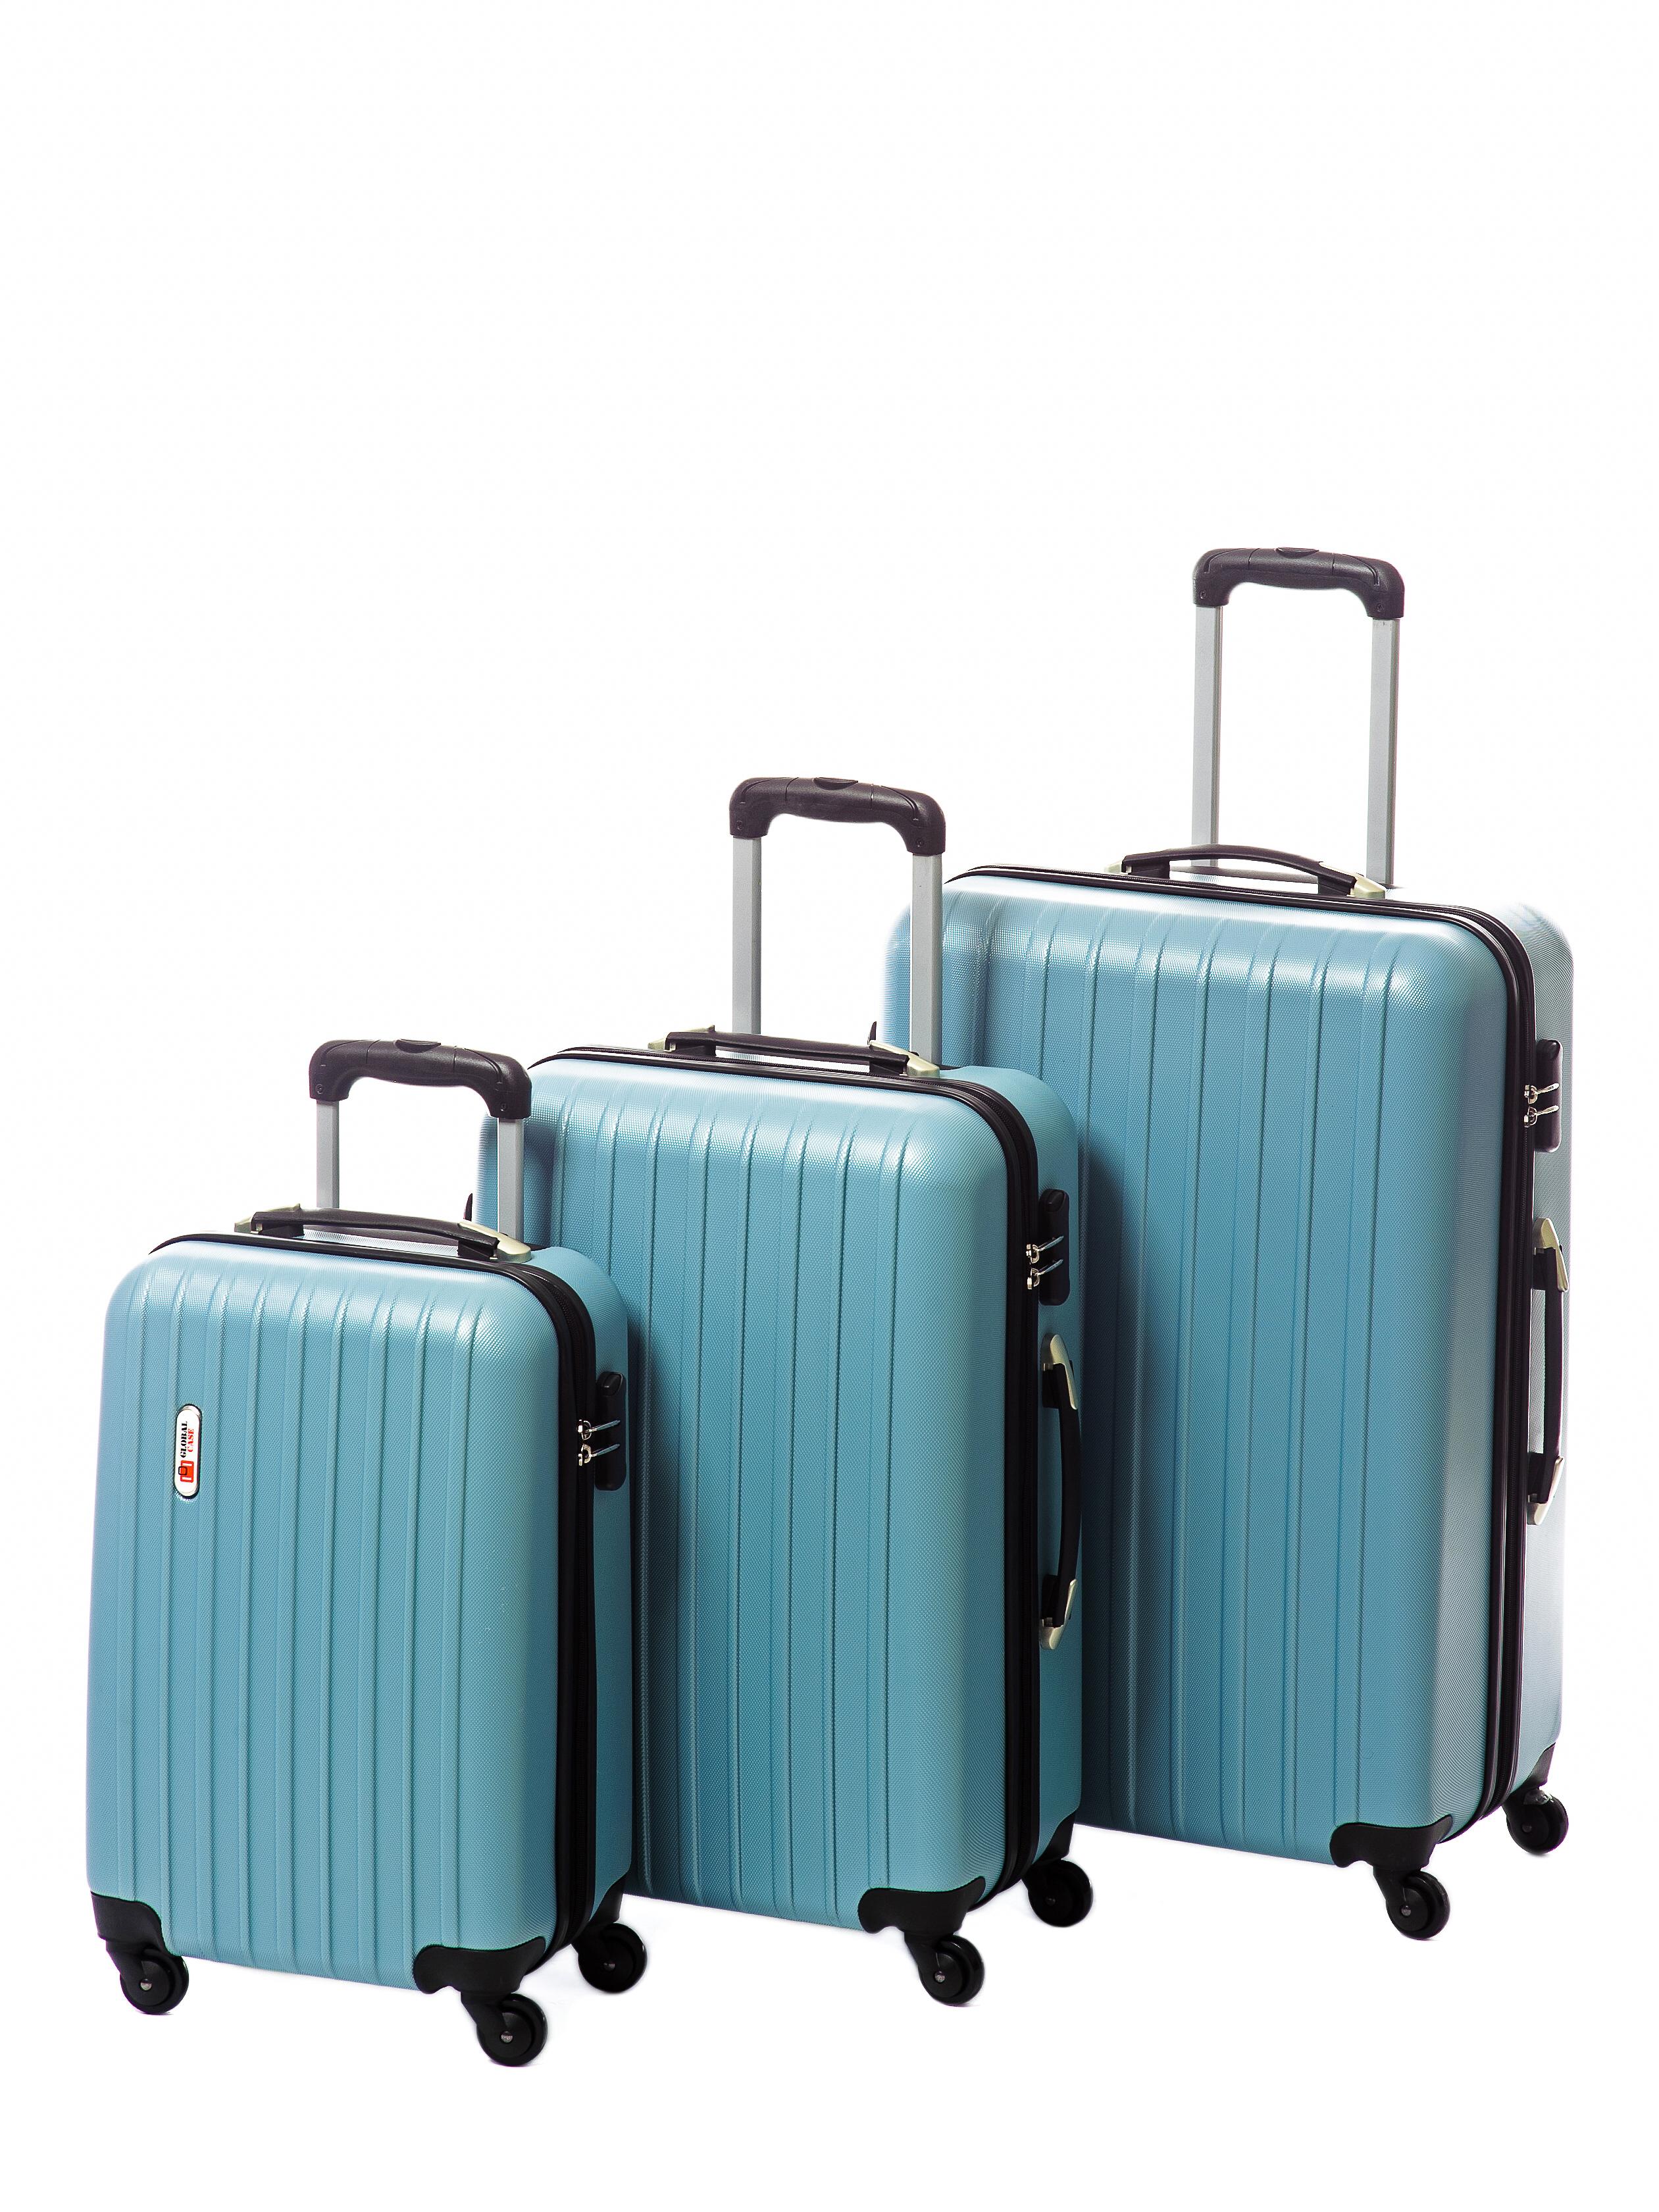 Чемоданы на колесах производства россия самсонит чемоданы цены